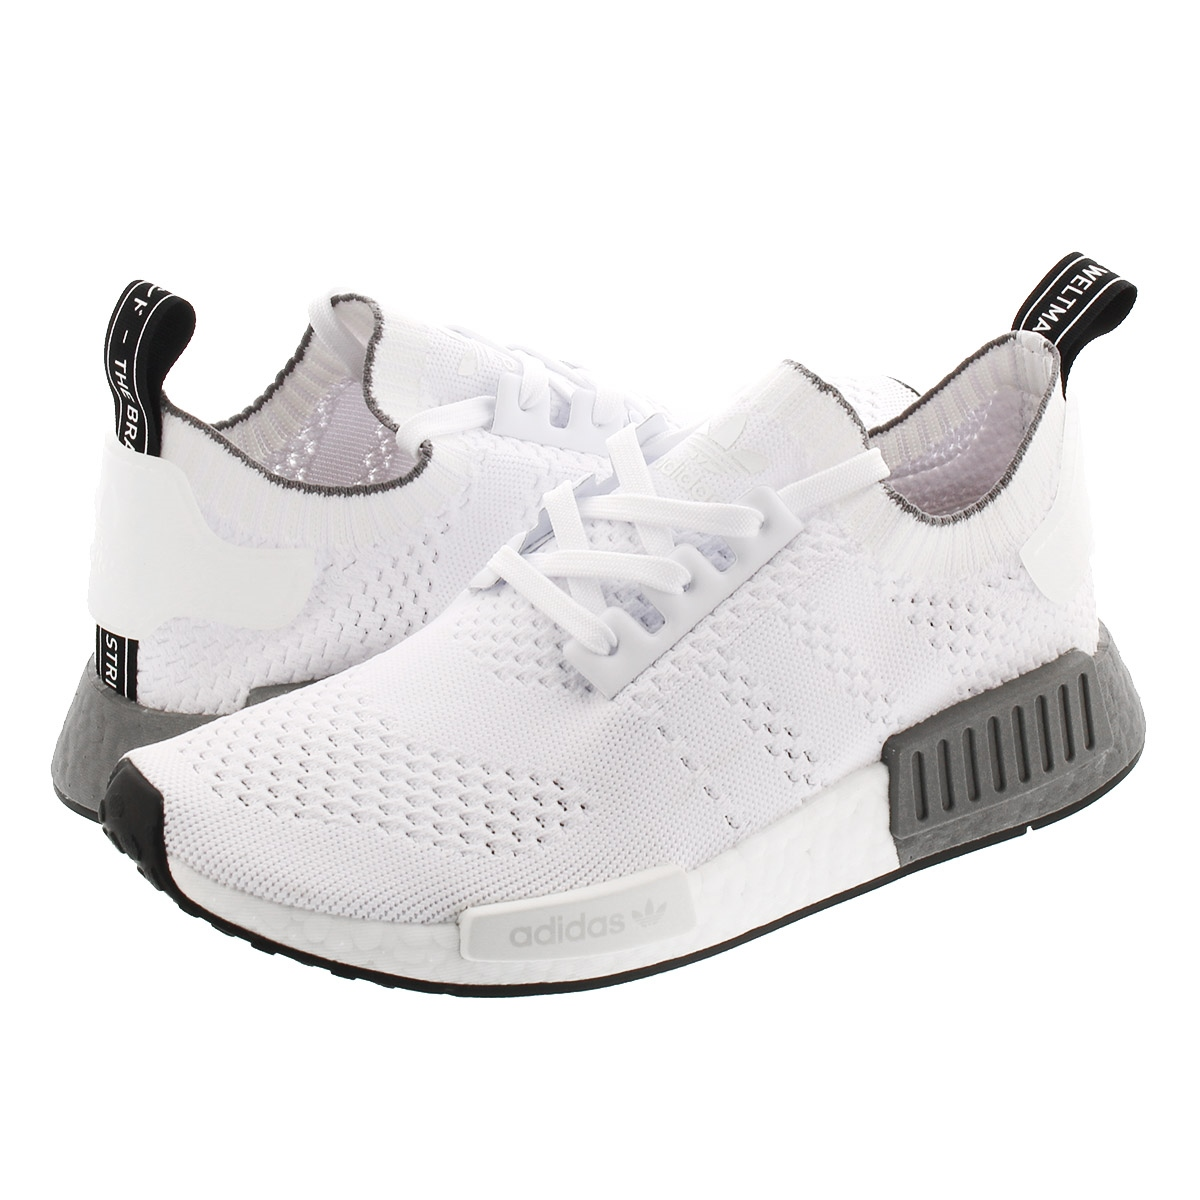 【お買い物マラソンSALE】 adidas NMD_R1 PK アディダス NMD R1 PK RUNNING WHITE/RUNNING WHITE/GERY THREE ee5074